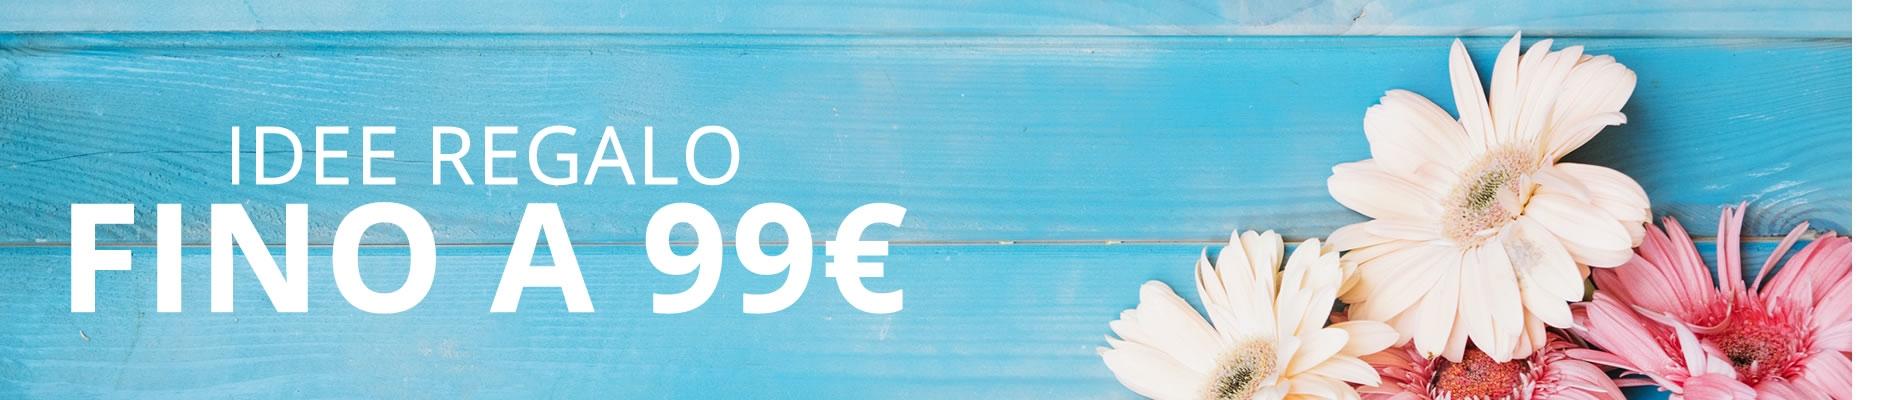 Idee Regalo fino a € 99